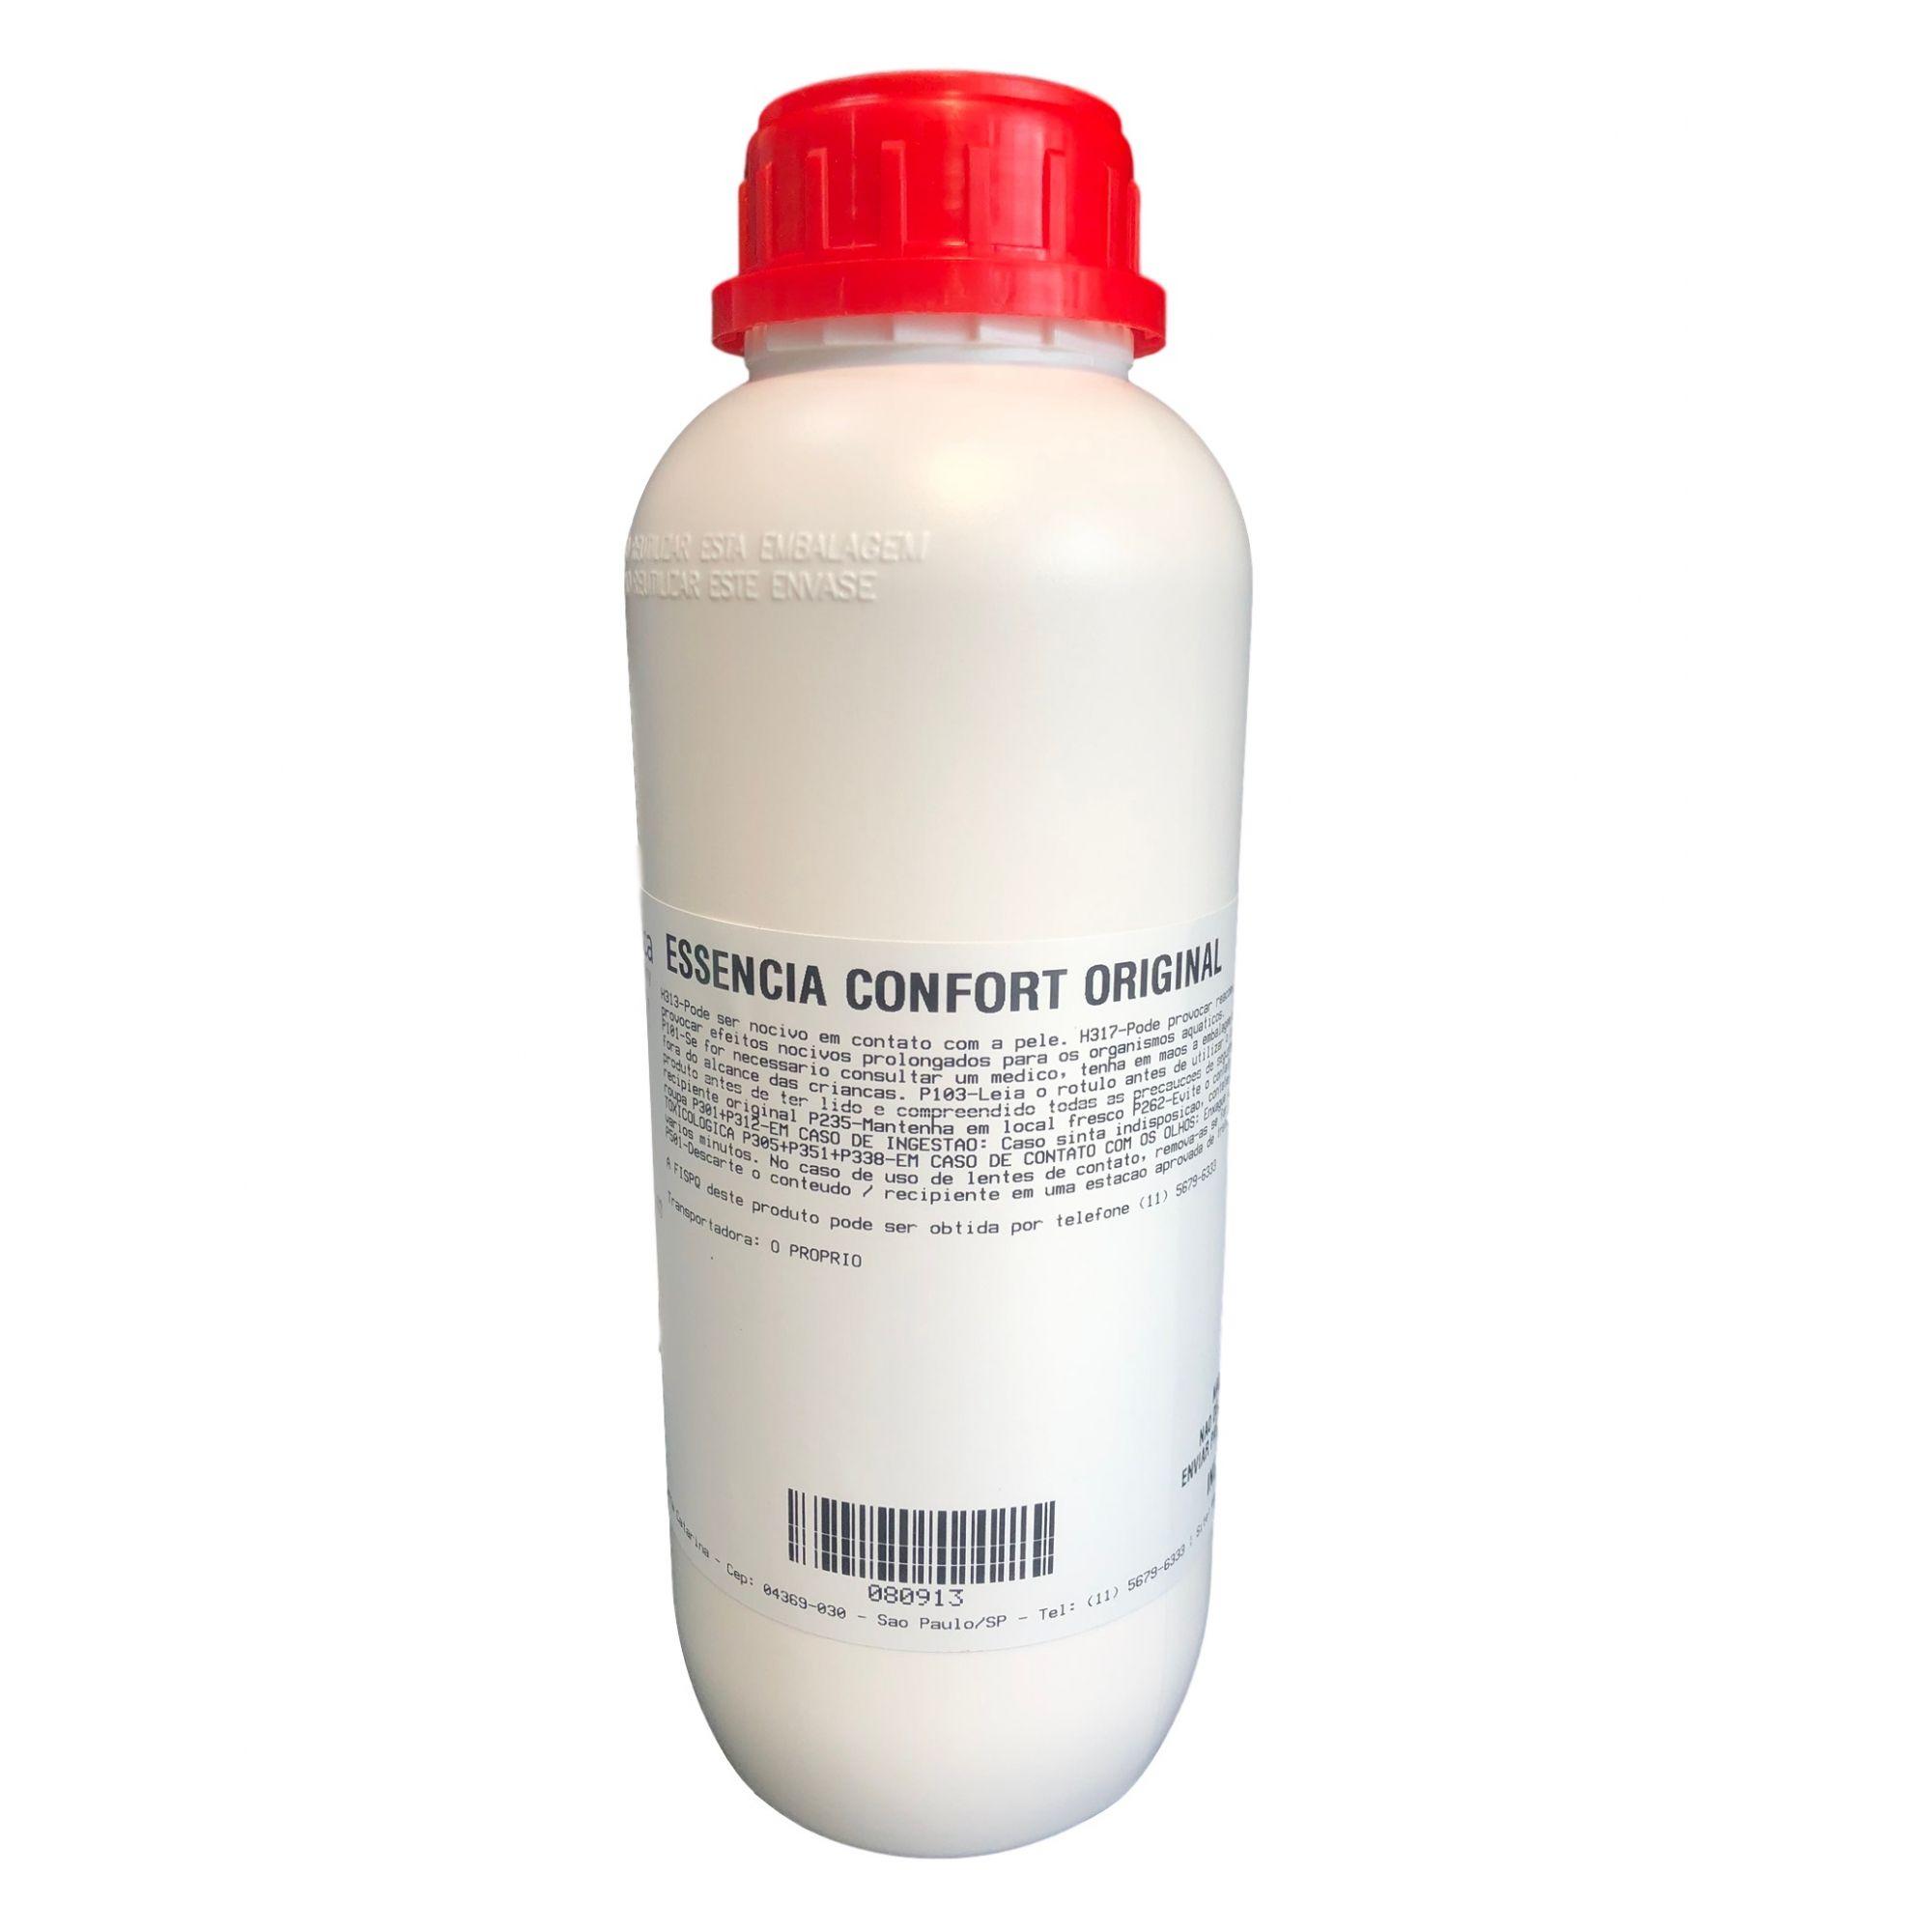 Essência Confort Original - 250 mL